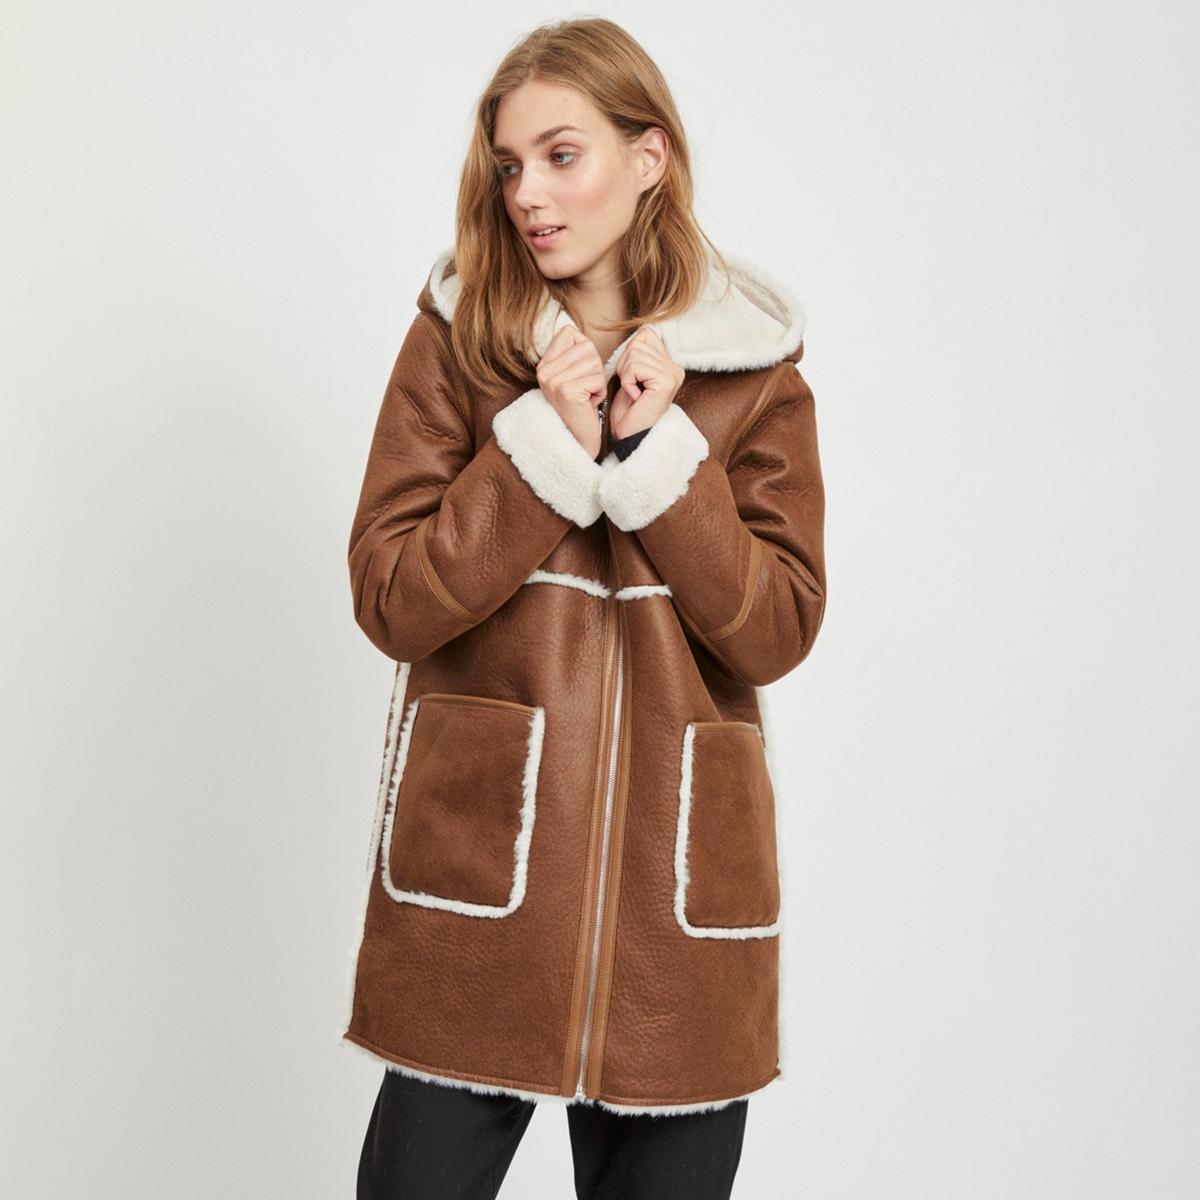 Пальто La Redoute С капюшоном под кожу мутон 36 (FR) - 42 (RUS) каштановый пальто la redoute в клетку 34 fr 40 rus каштановый